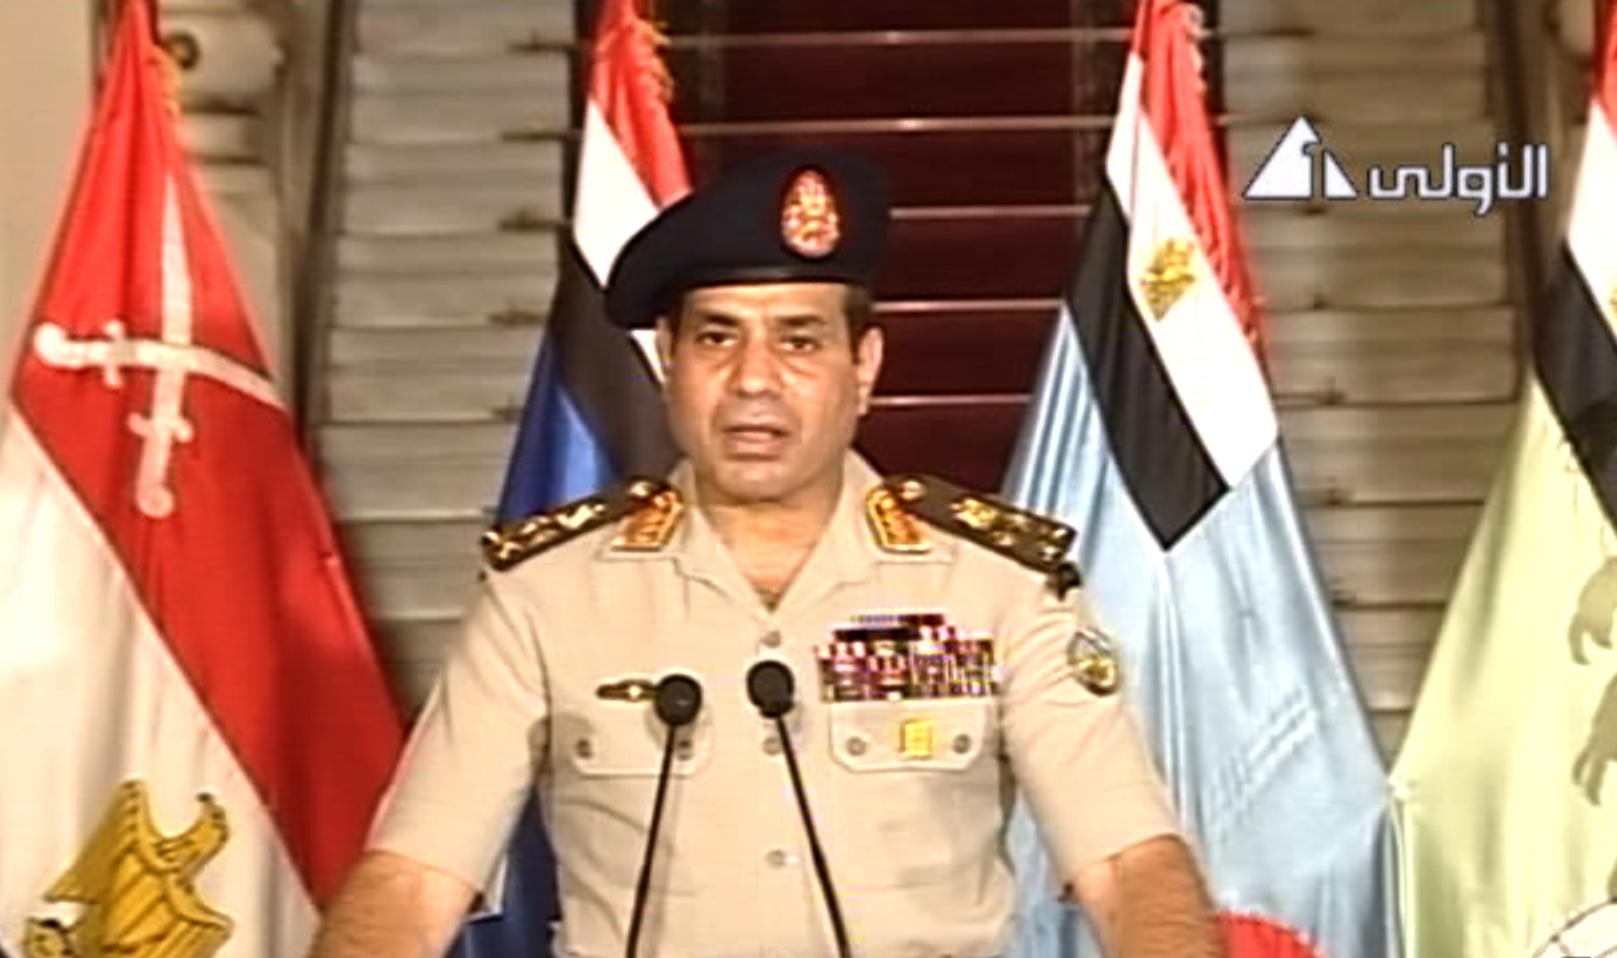 Αίγυπτος: Πραξικόπημα μέσω τηλεοπτικού διαγγέλματος - Ο στρατός ...